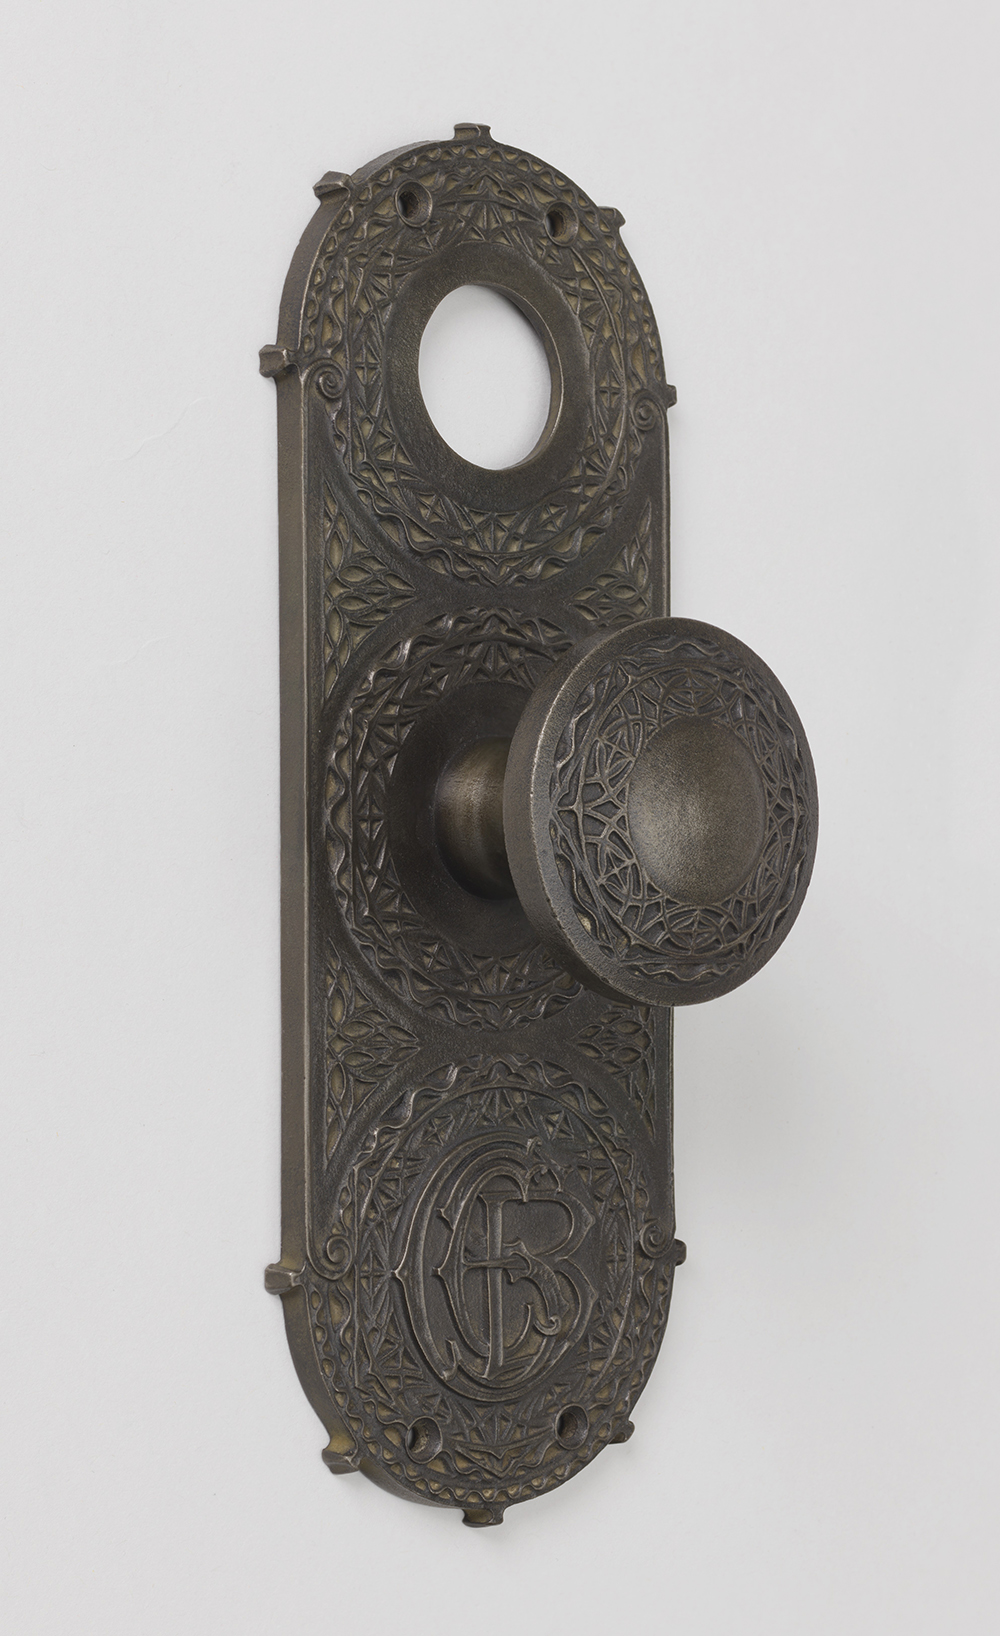 Doorplate by Louis Sullivan, c. 1895.